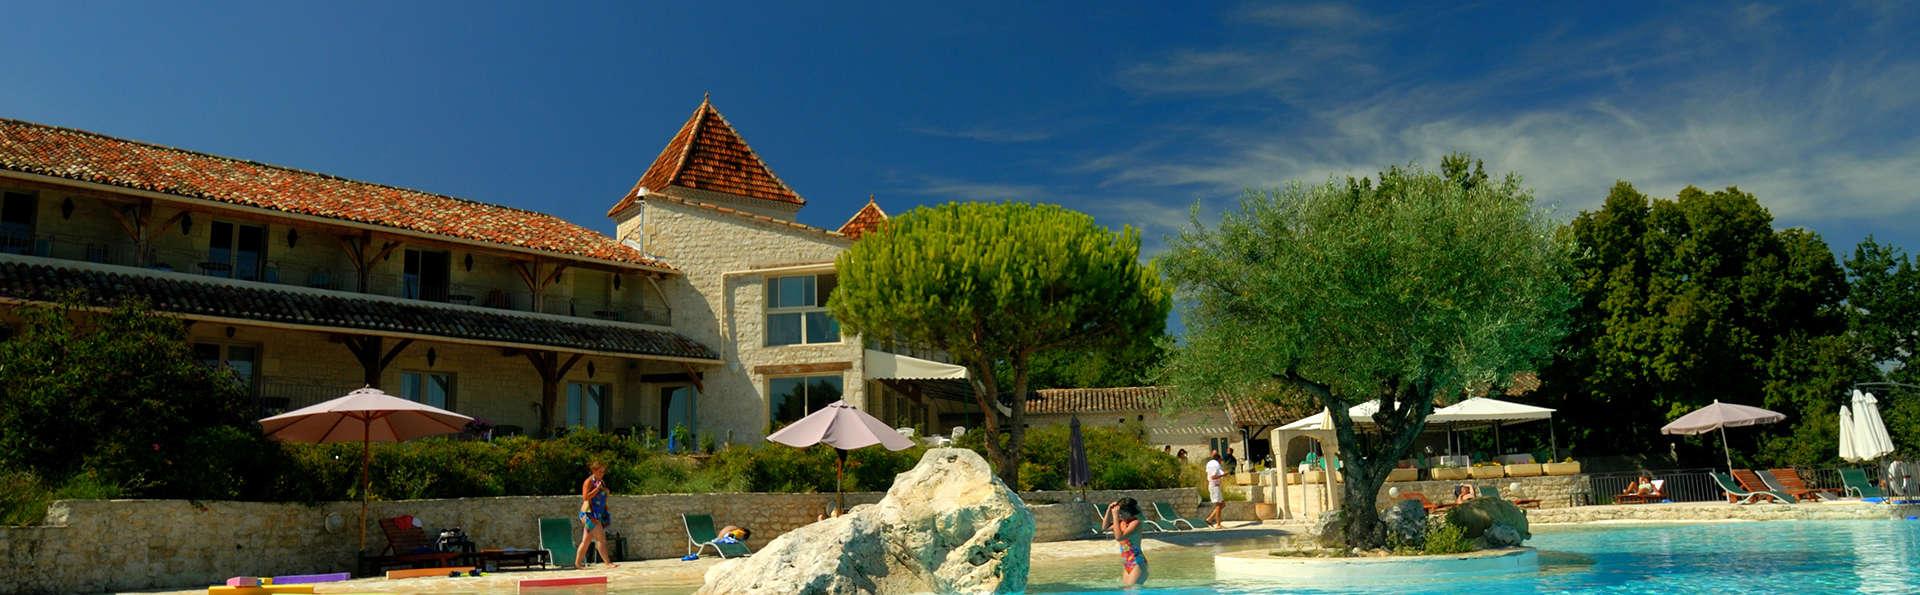 Week end détente et spa dans un des plus beaux villages de France au cœur du Quercy